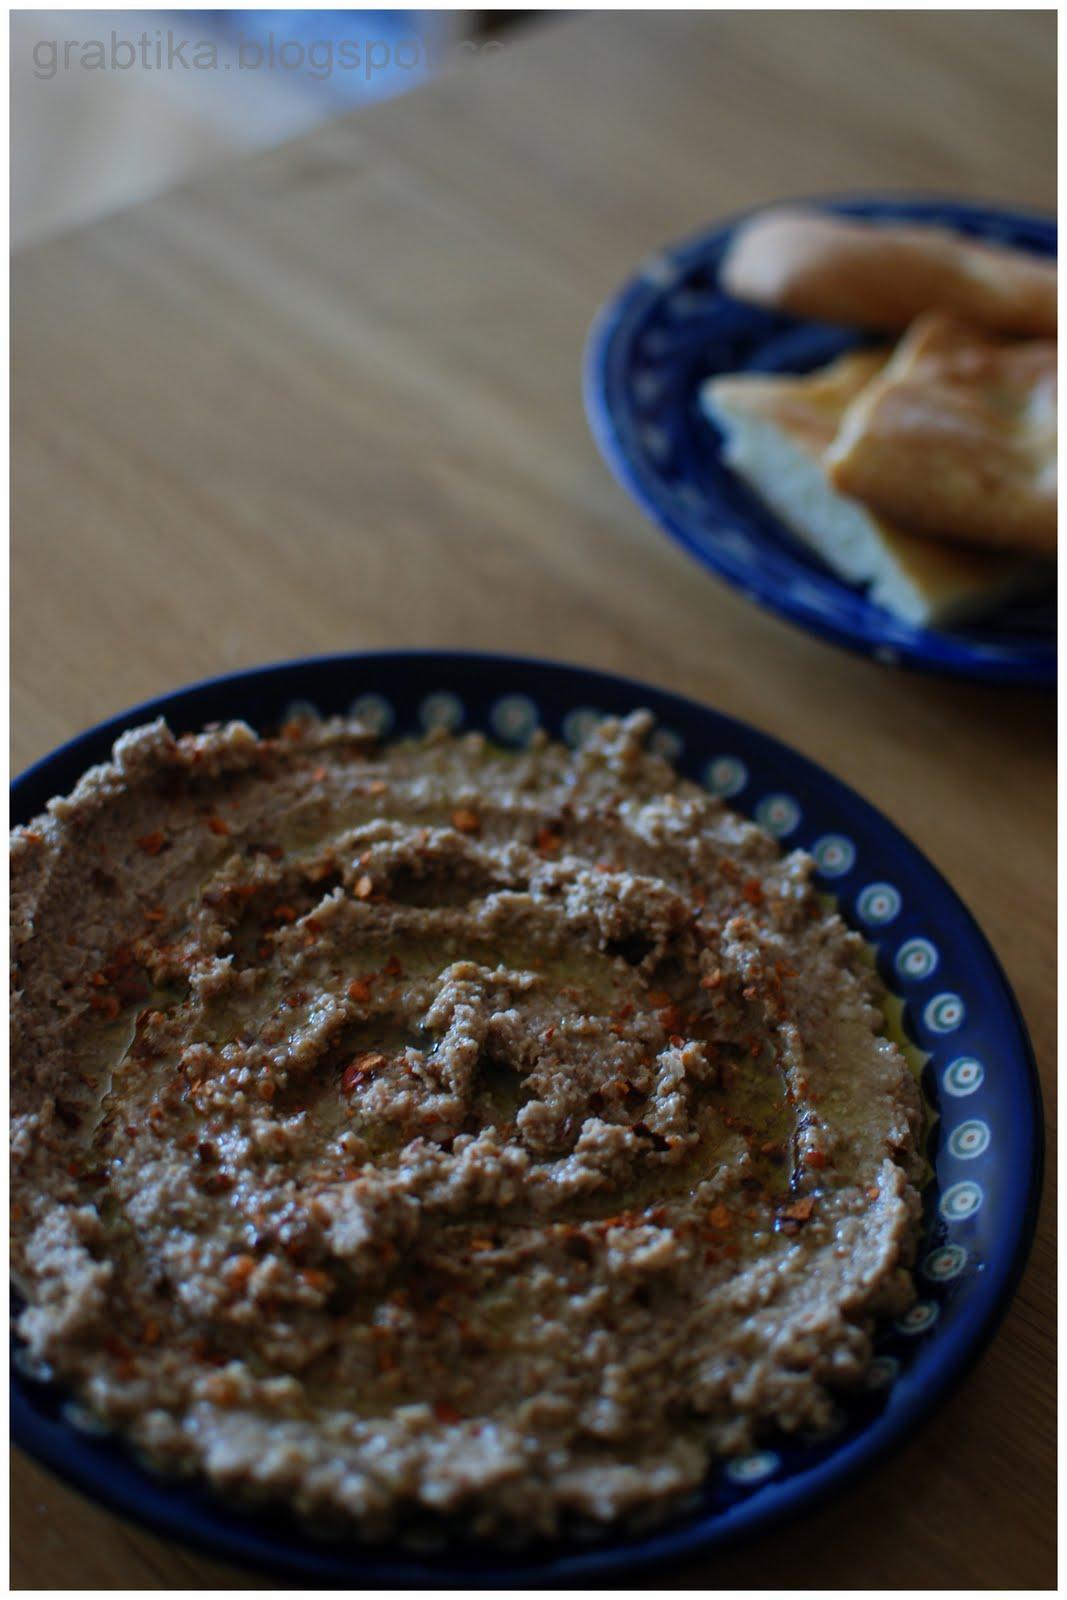 wasabi: Hummus en Fuego